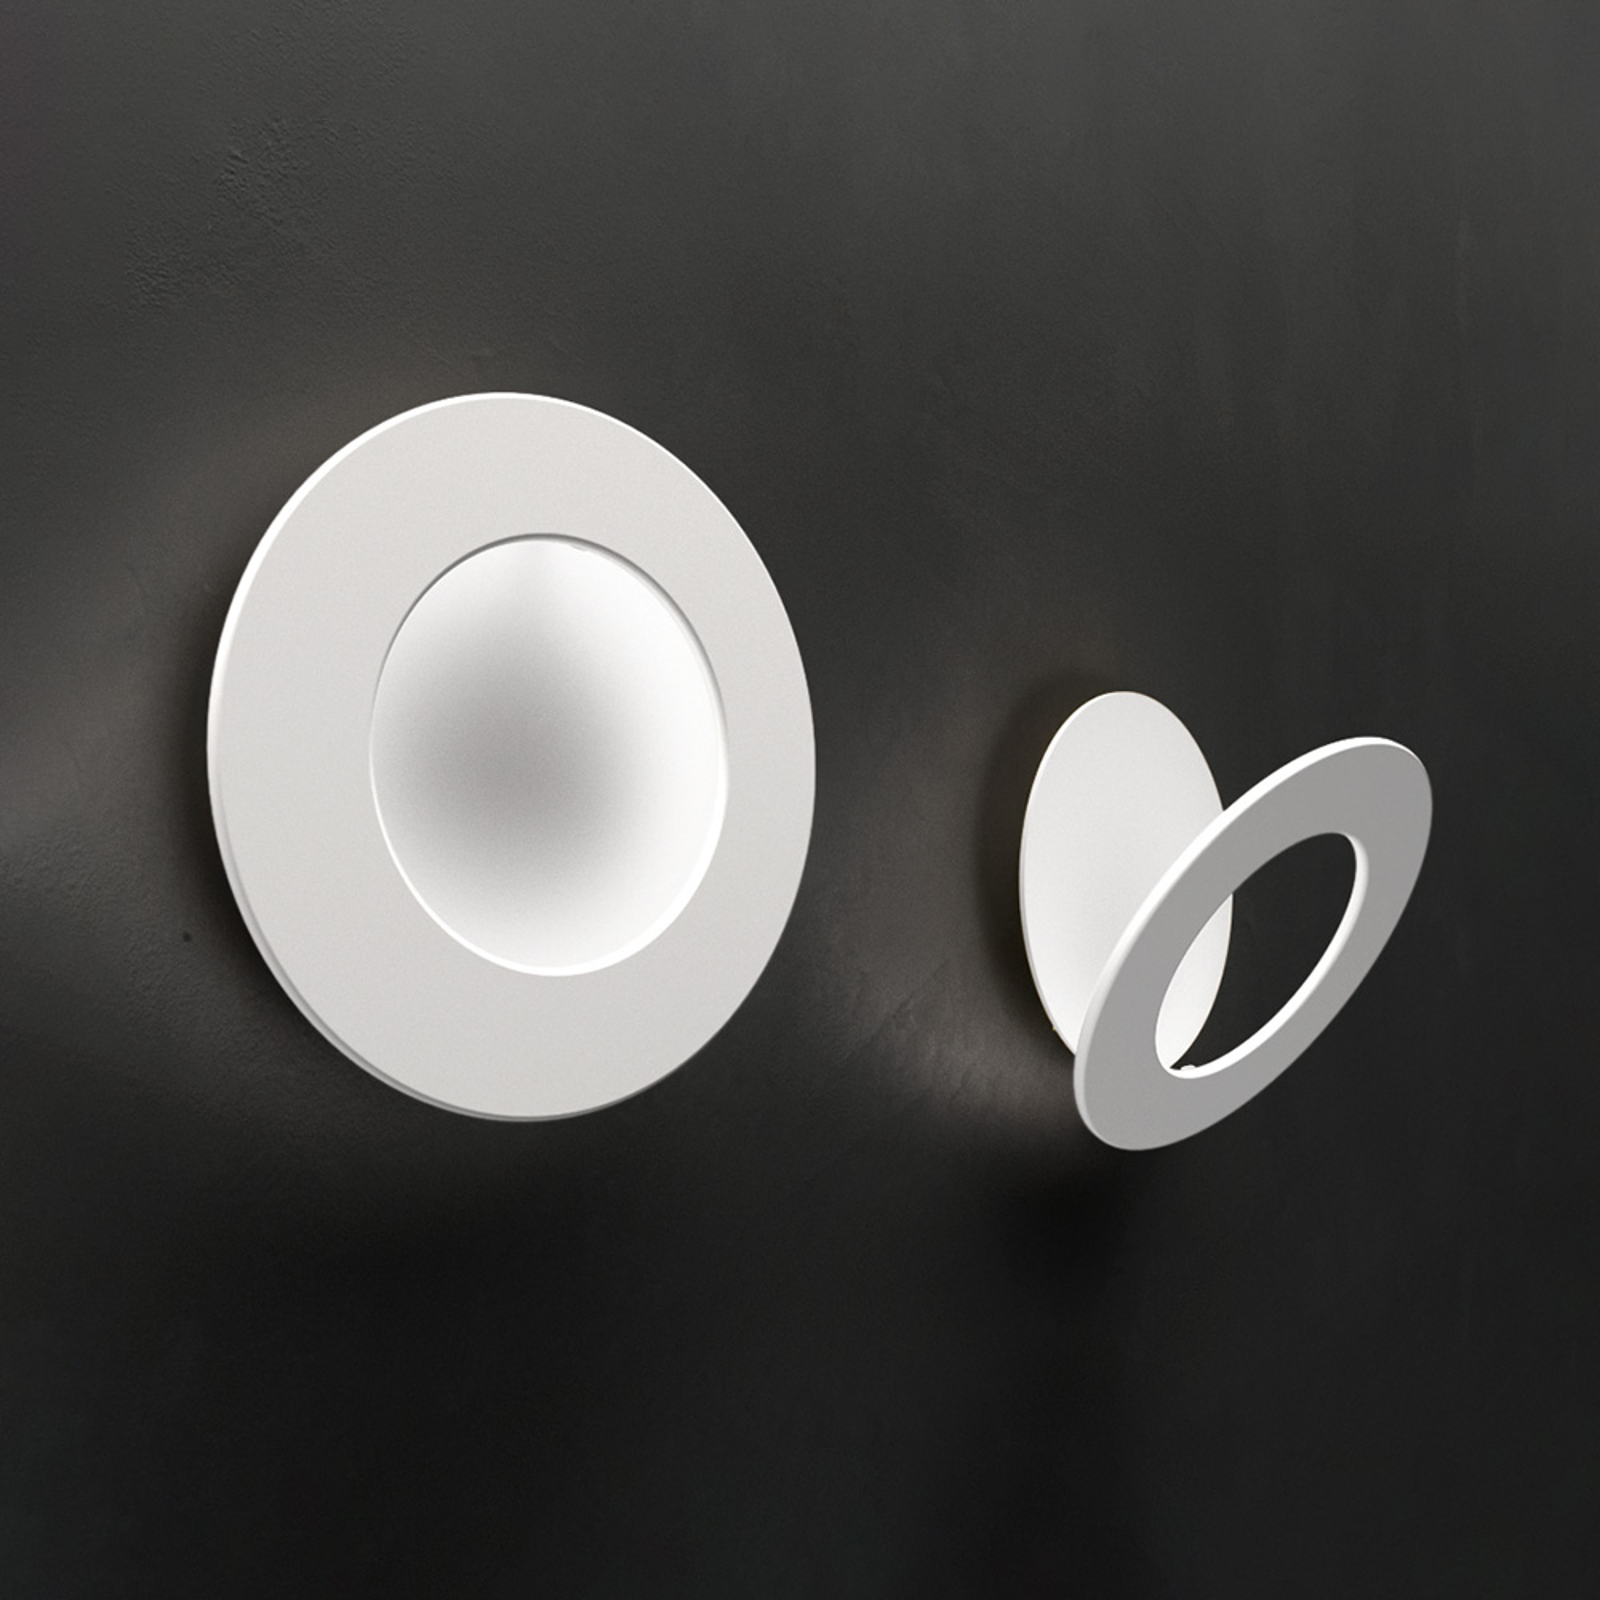 ICONE Vera 26 LED-Wandleuchte, weiß/weiß